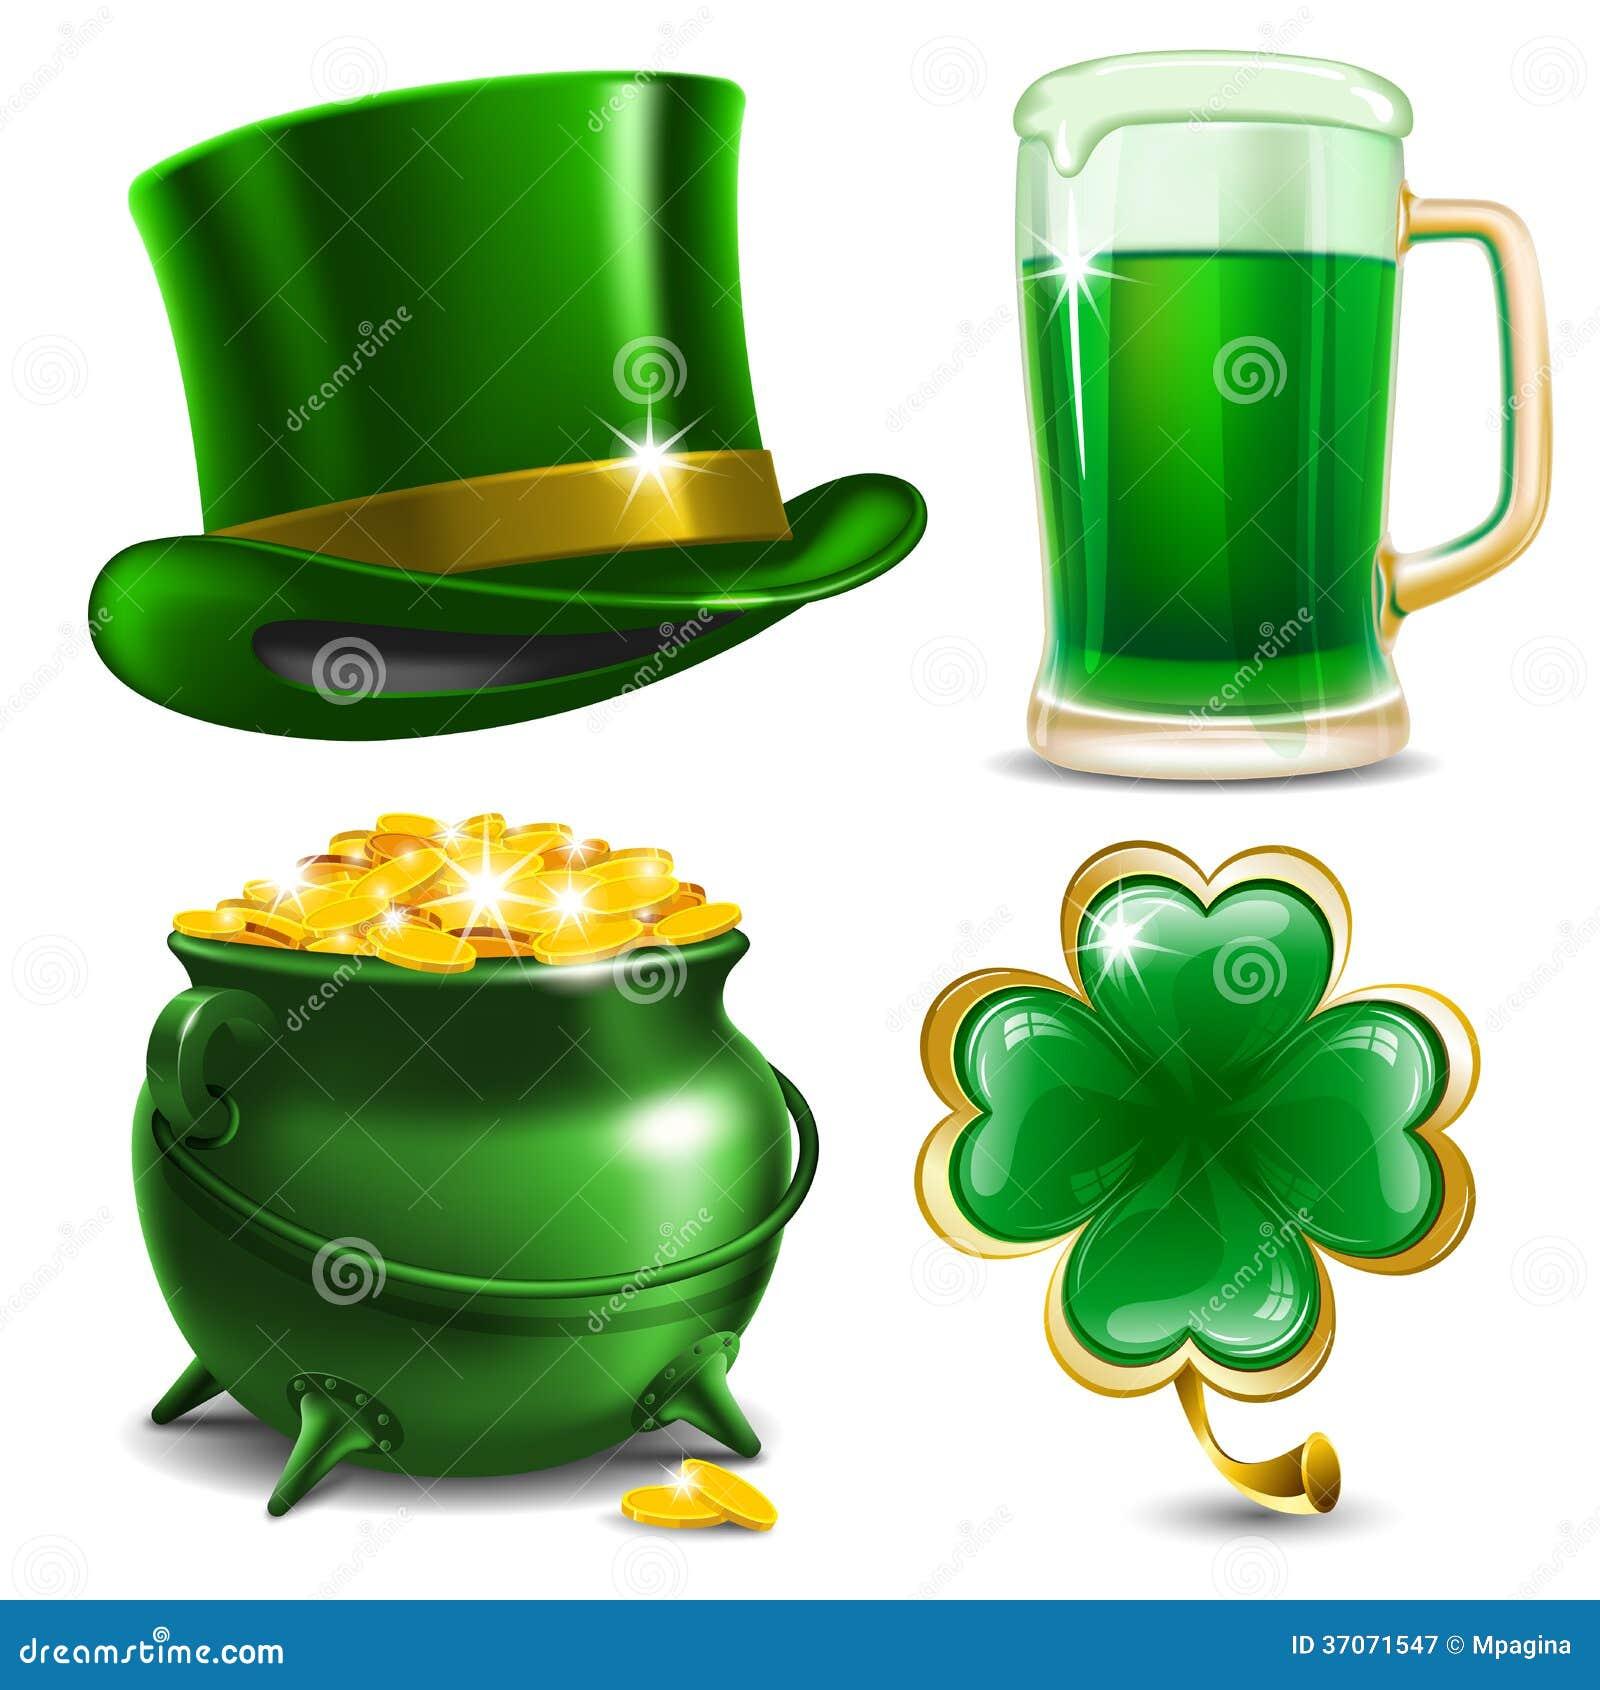 Tag St. Patricks